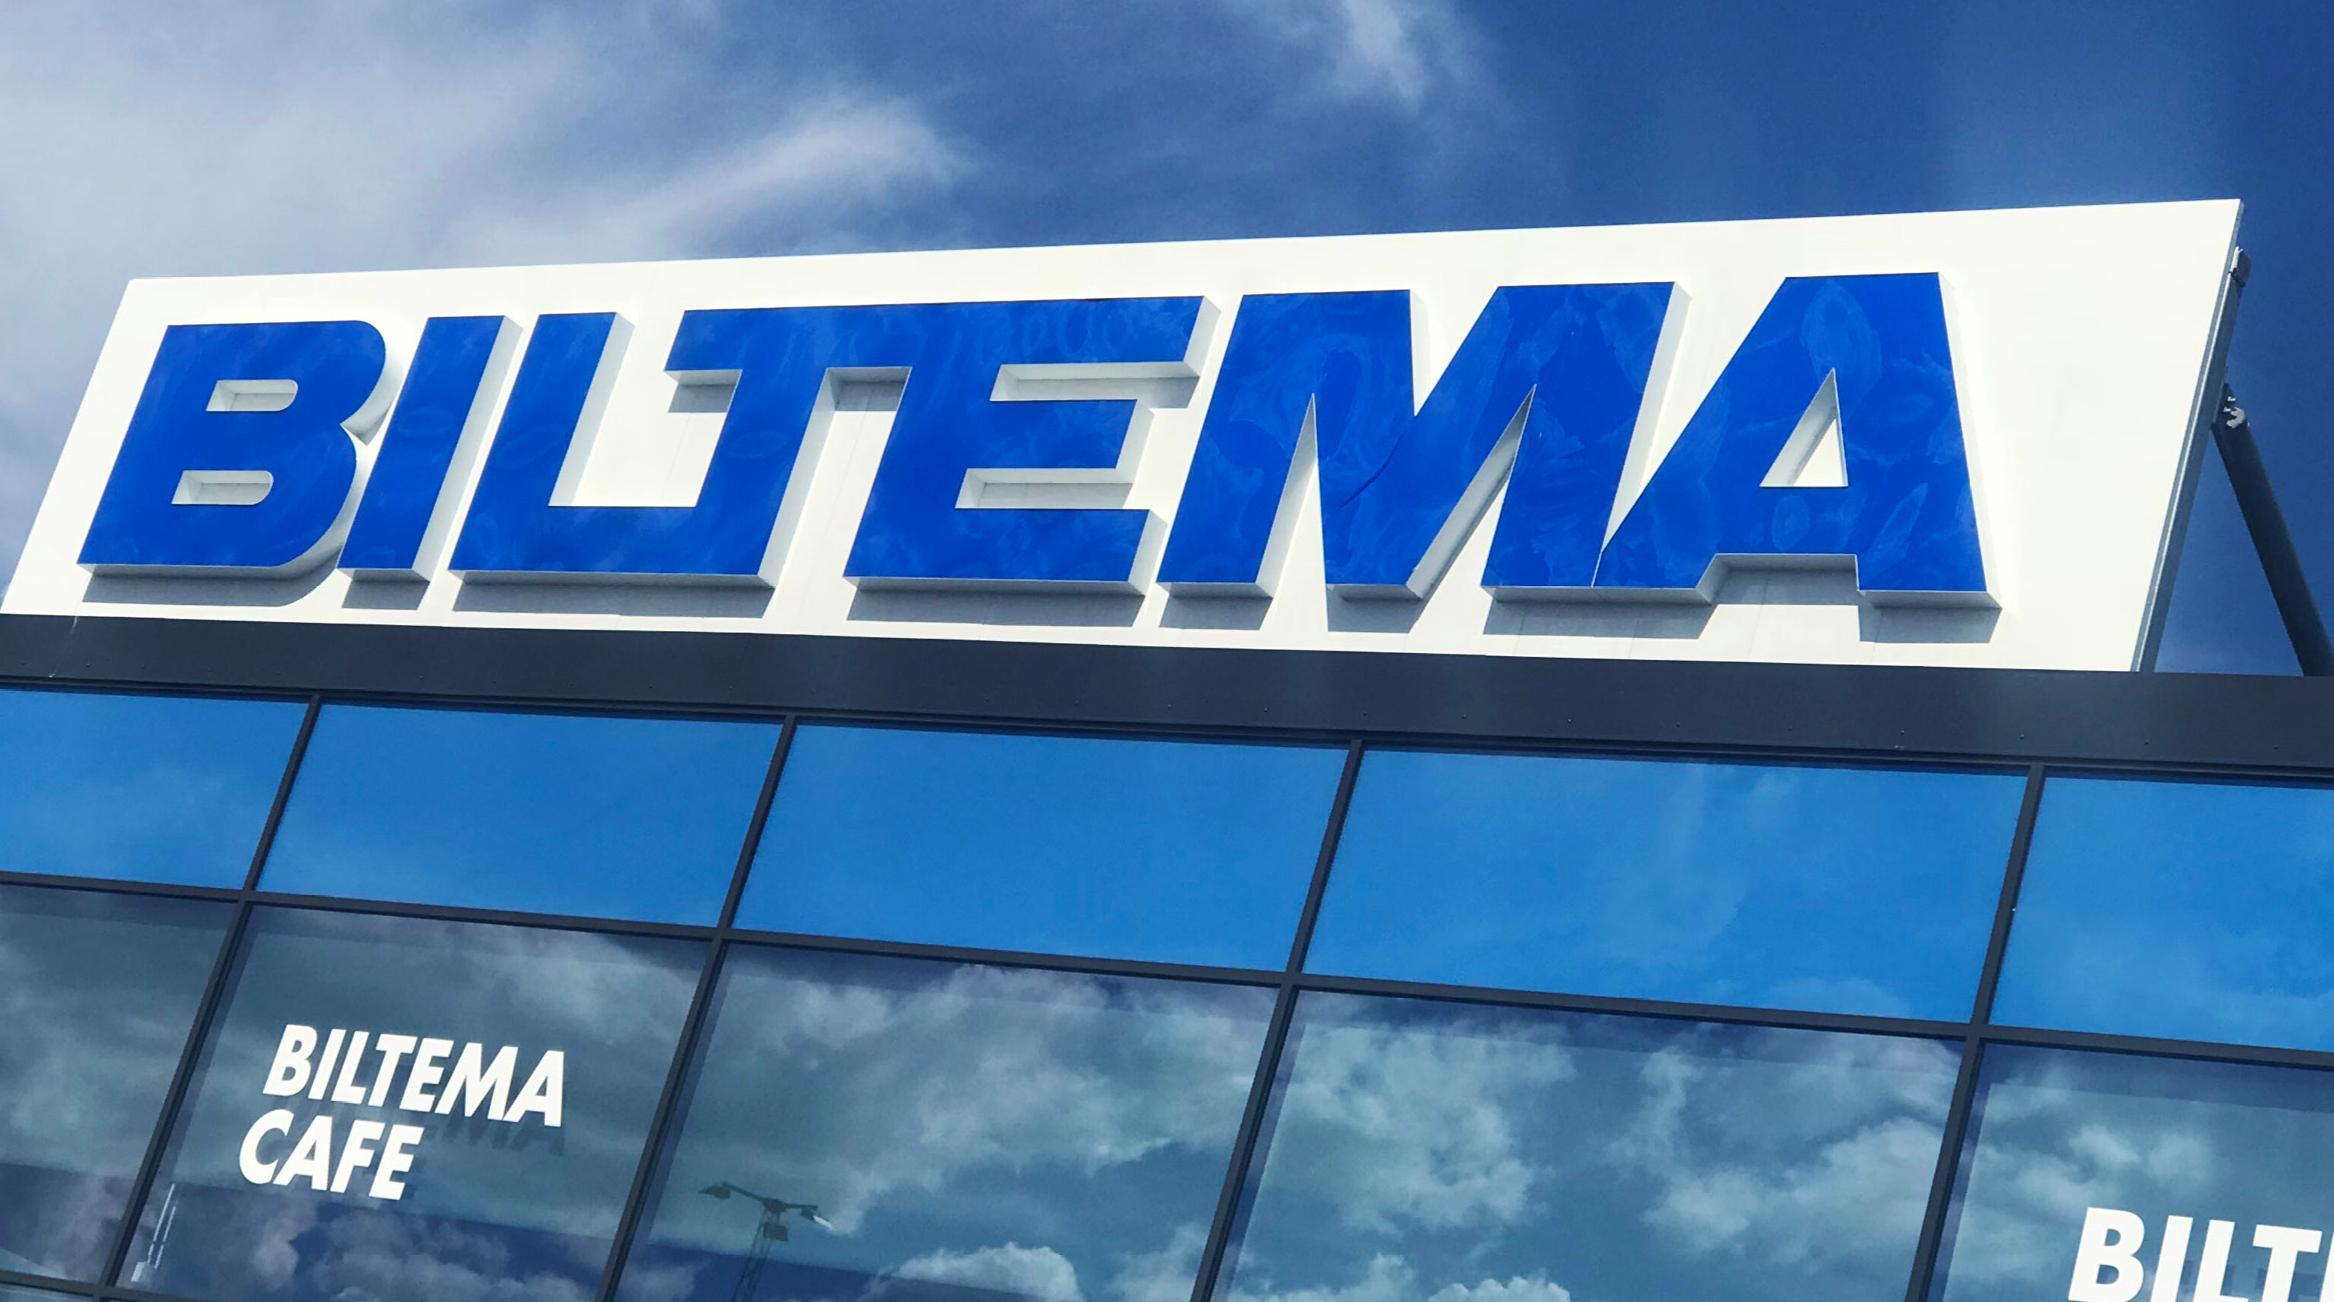 Kända Biltema levererar rekordvinst på nära 1 miljard - Motor-Magasinet OO-17